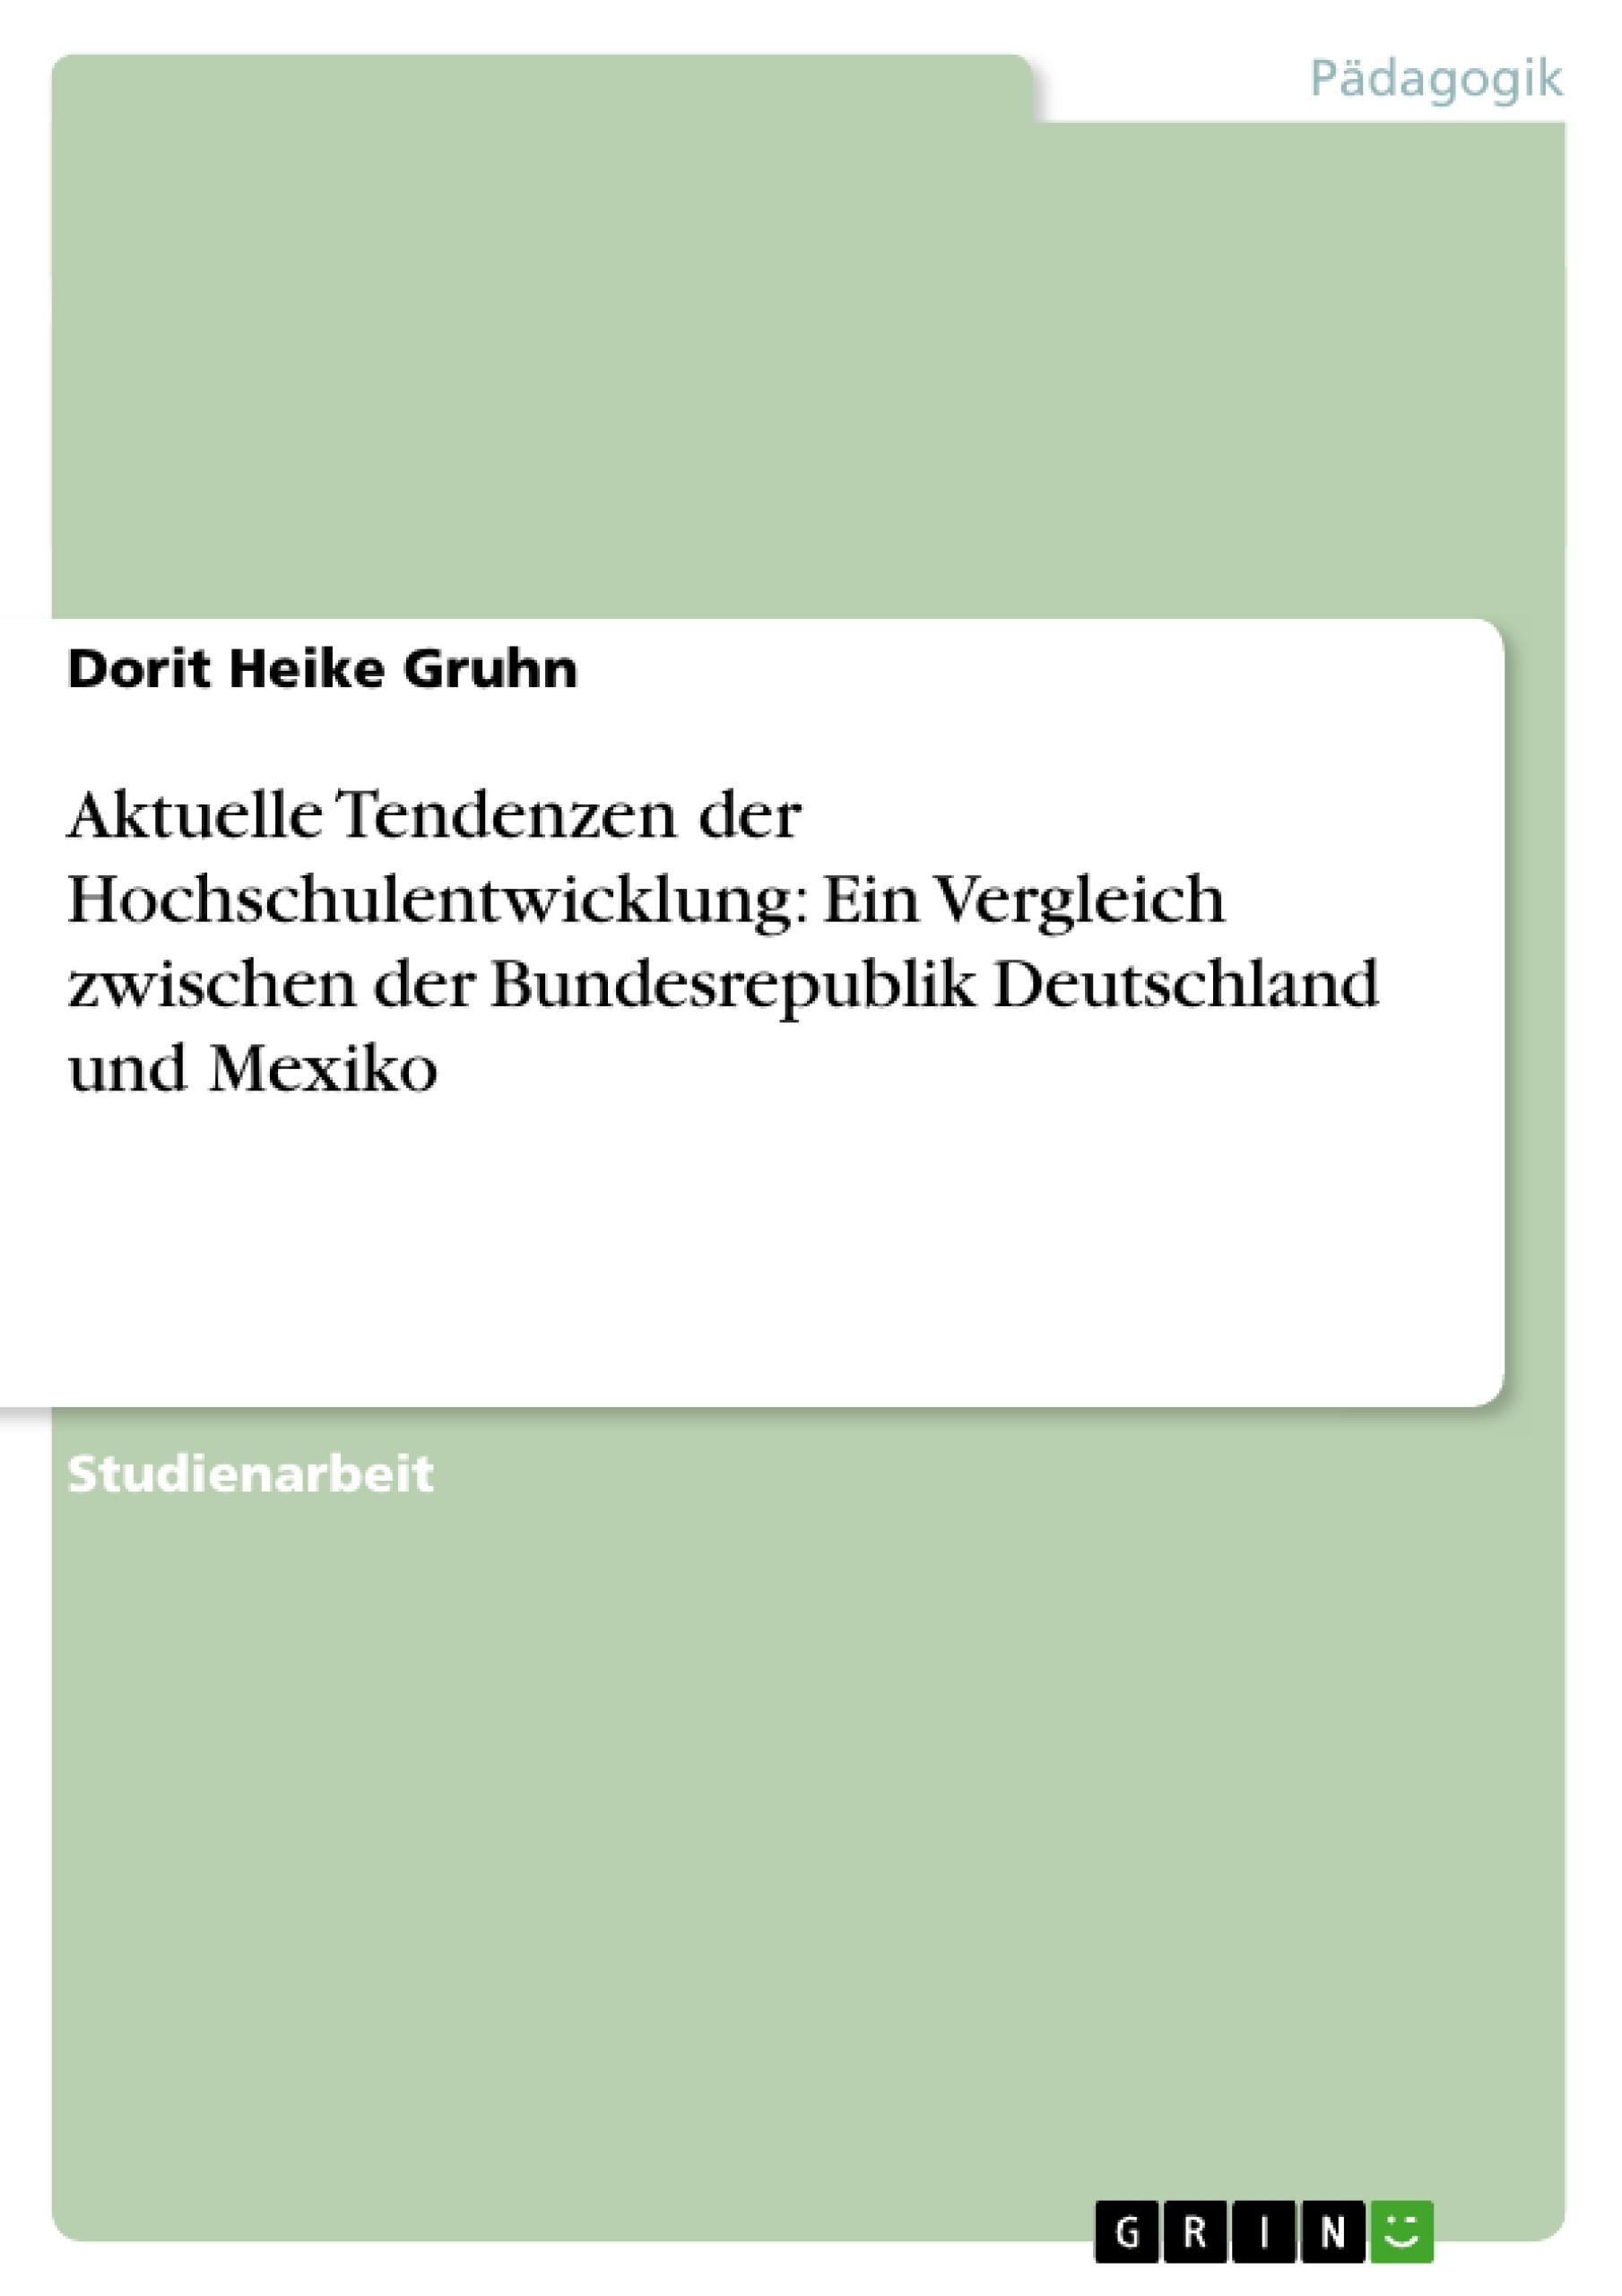 Titel: Aktuelle Tendenzen der Hochschulentwicklung: Ein Vergleich zwischen der Bundesrepublik Deutschland und Mexiko